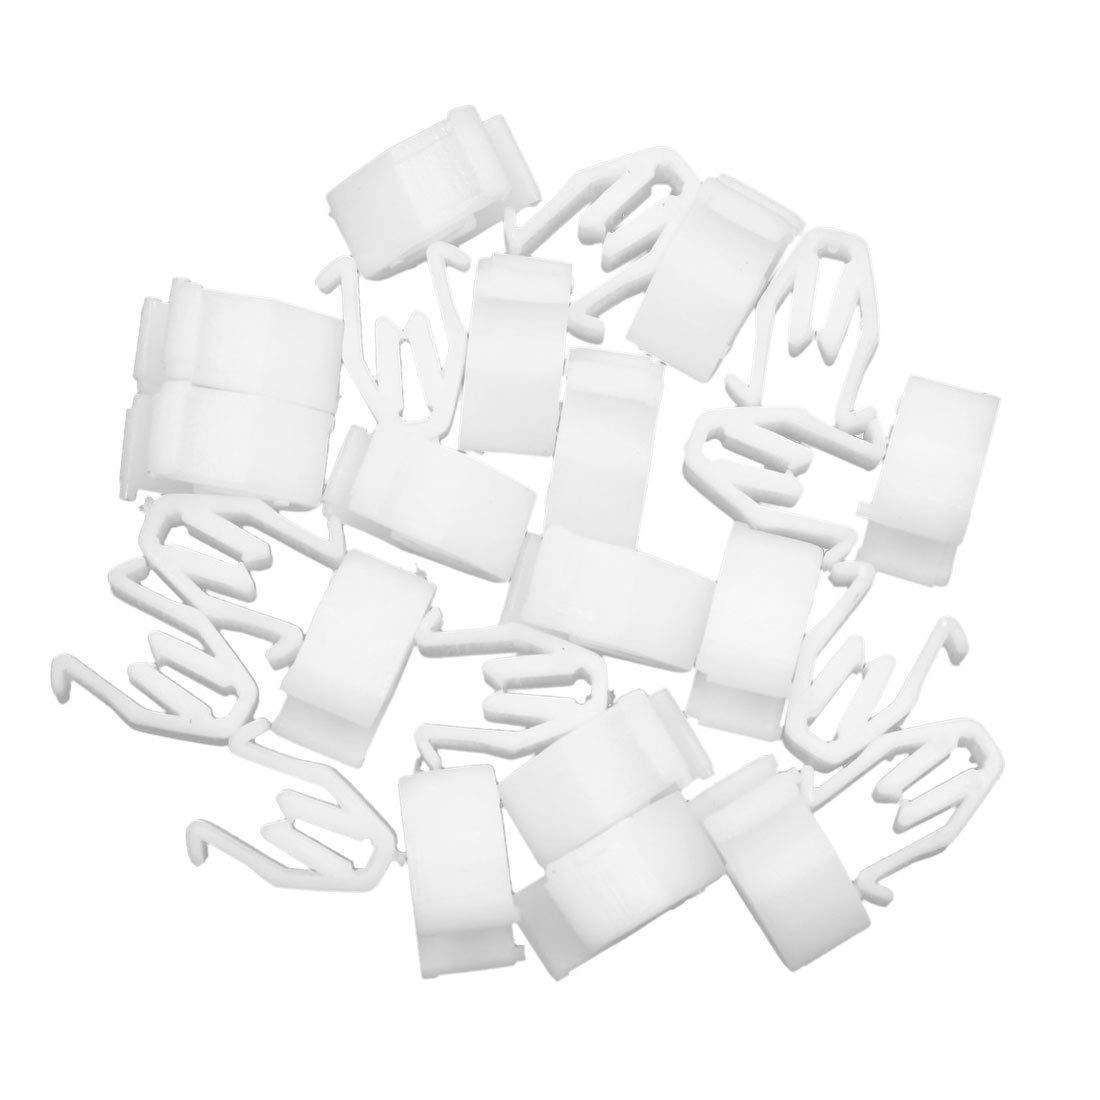 X AUTOHAUX 25pcs Universal White Car Console Retainer Auto Dashboard Instrument Clip